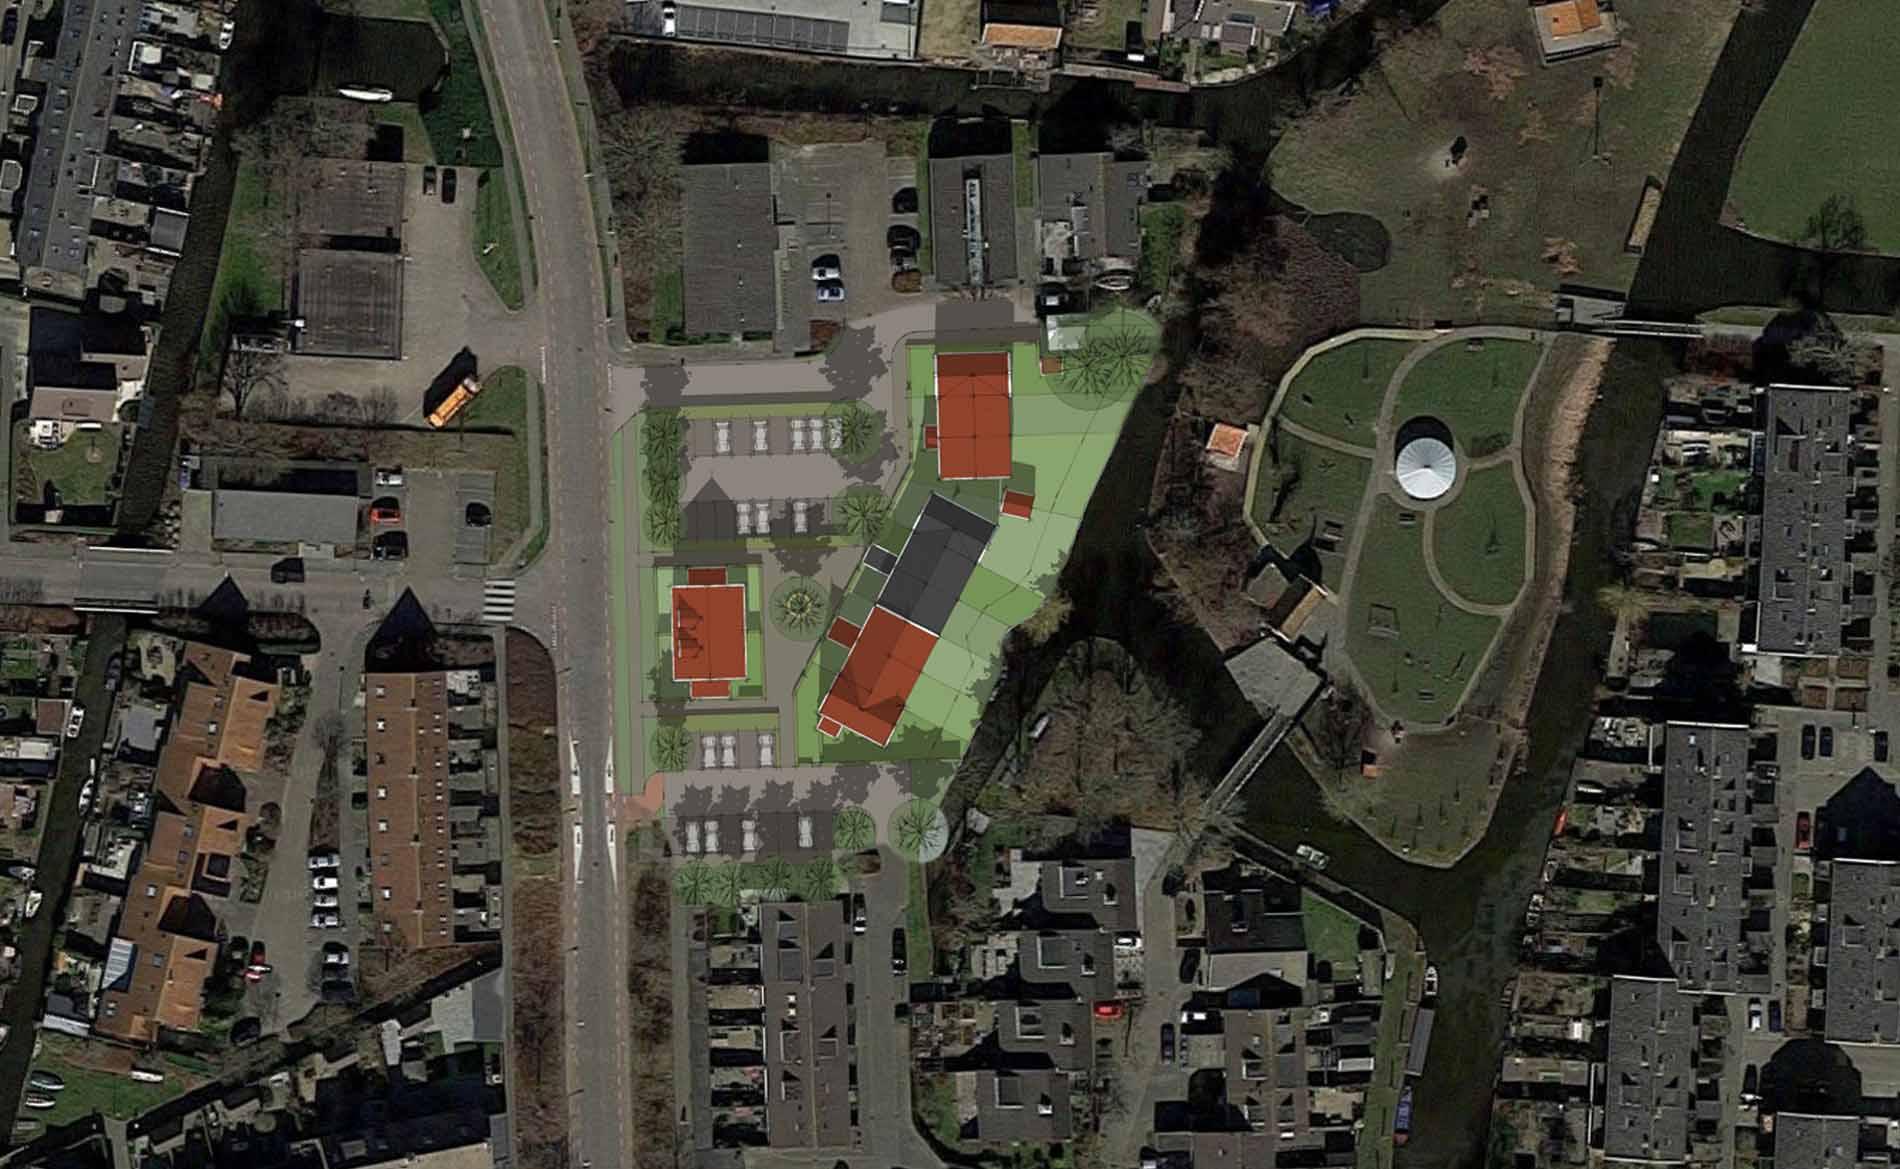 stedenbouwkundig plan ontwerp dorps Sloep De Rijp BBHD architecten